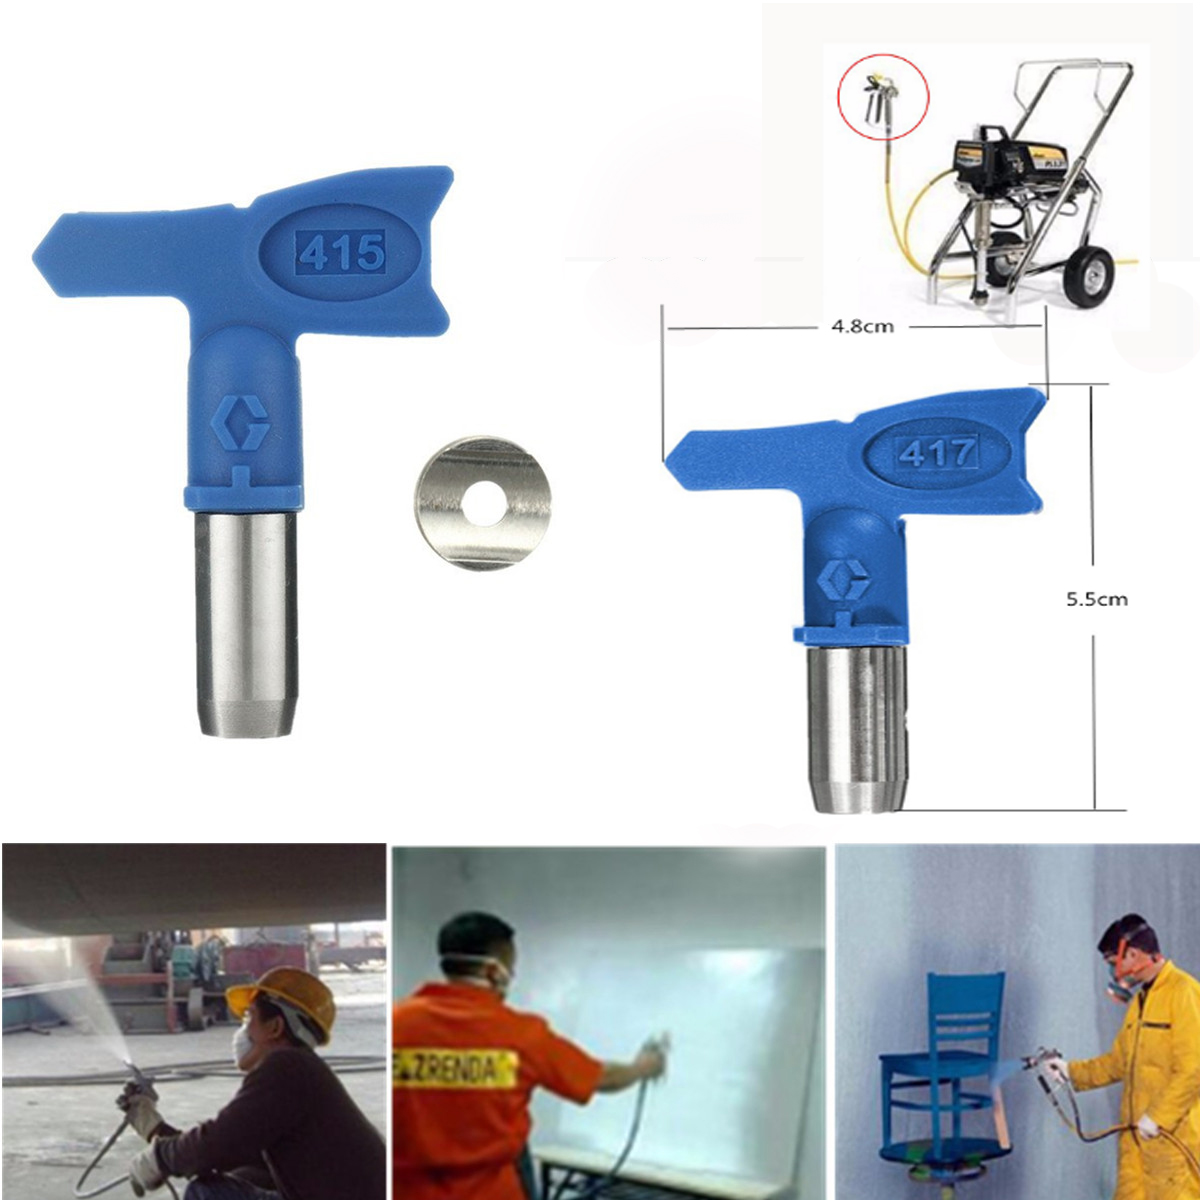 Bleu 417/415/413 embouts de pulvérisation sans air buses de pulvérisation pour pulvérisation sans air G un et pulvérisateur de peinture